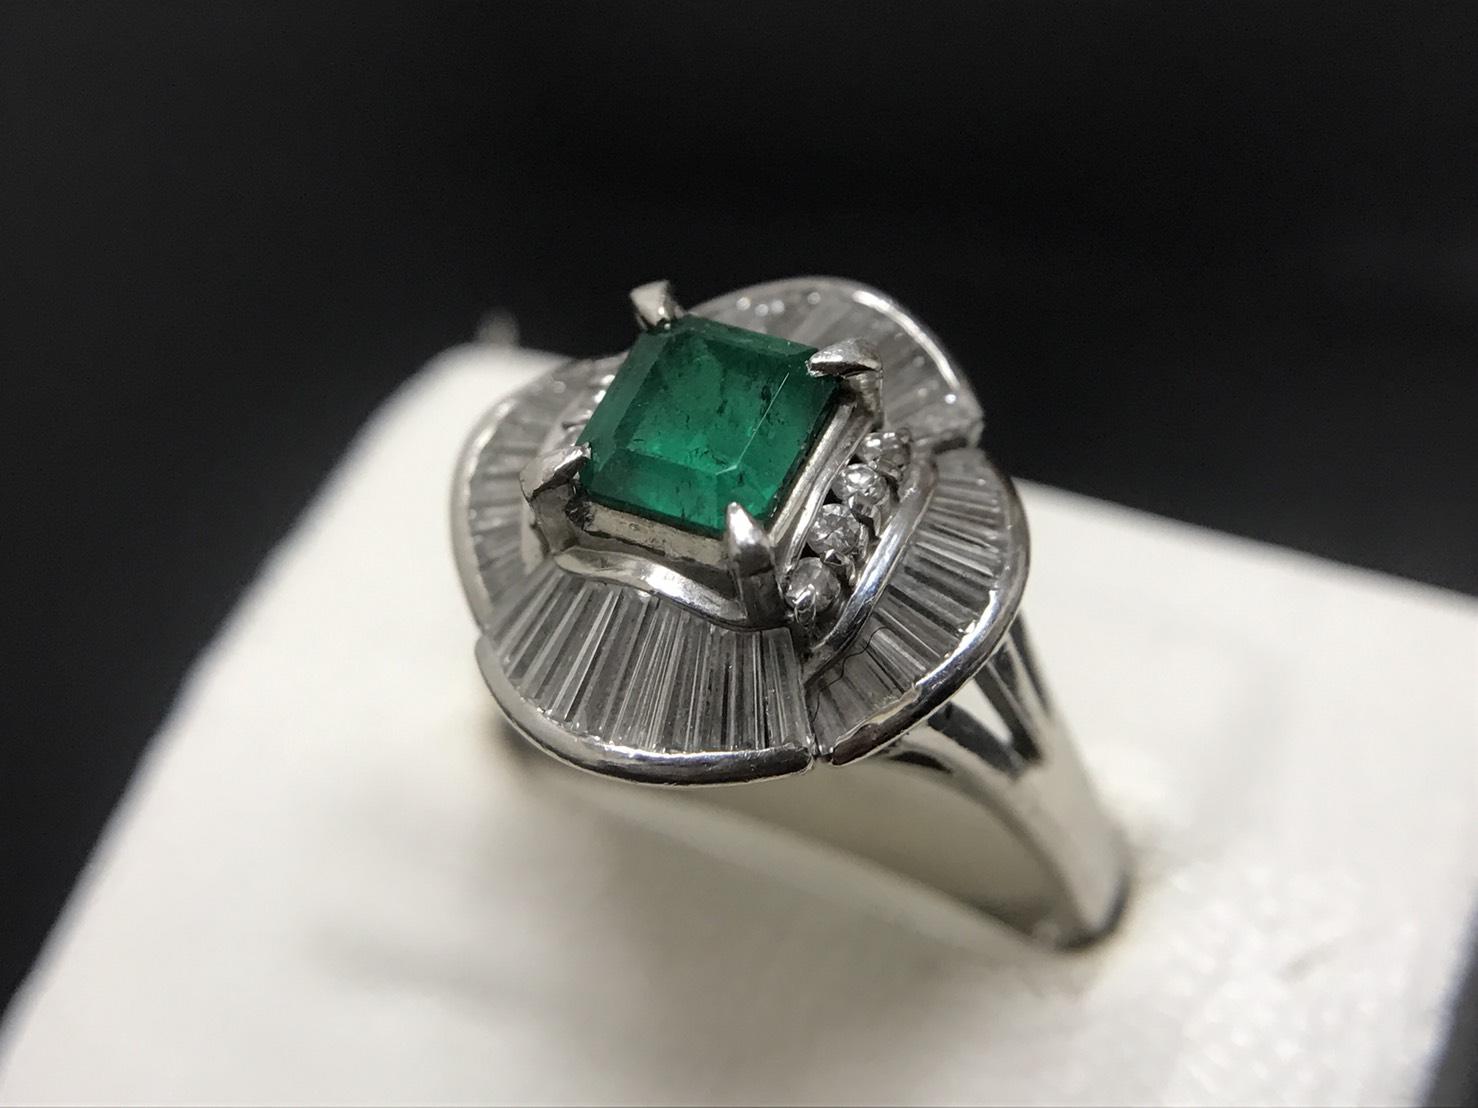 エメラルド 1.05ct メレダイヤモンド 1.00ct リング Pt900 プラチナ 宝石 色石 高価買取 七条店 西院